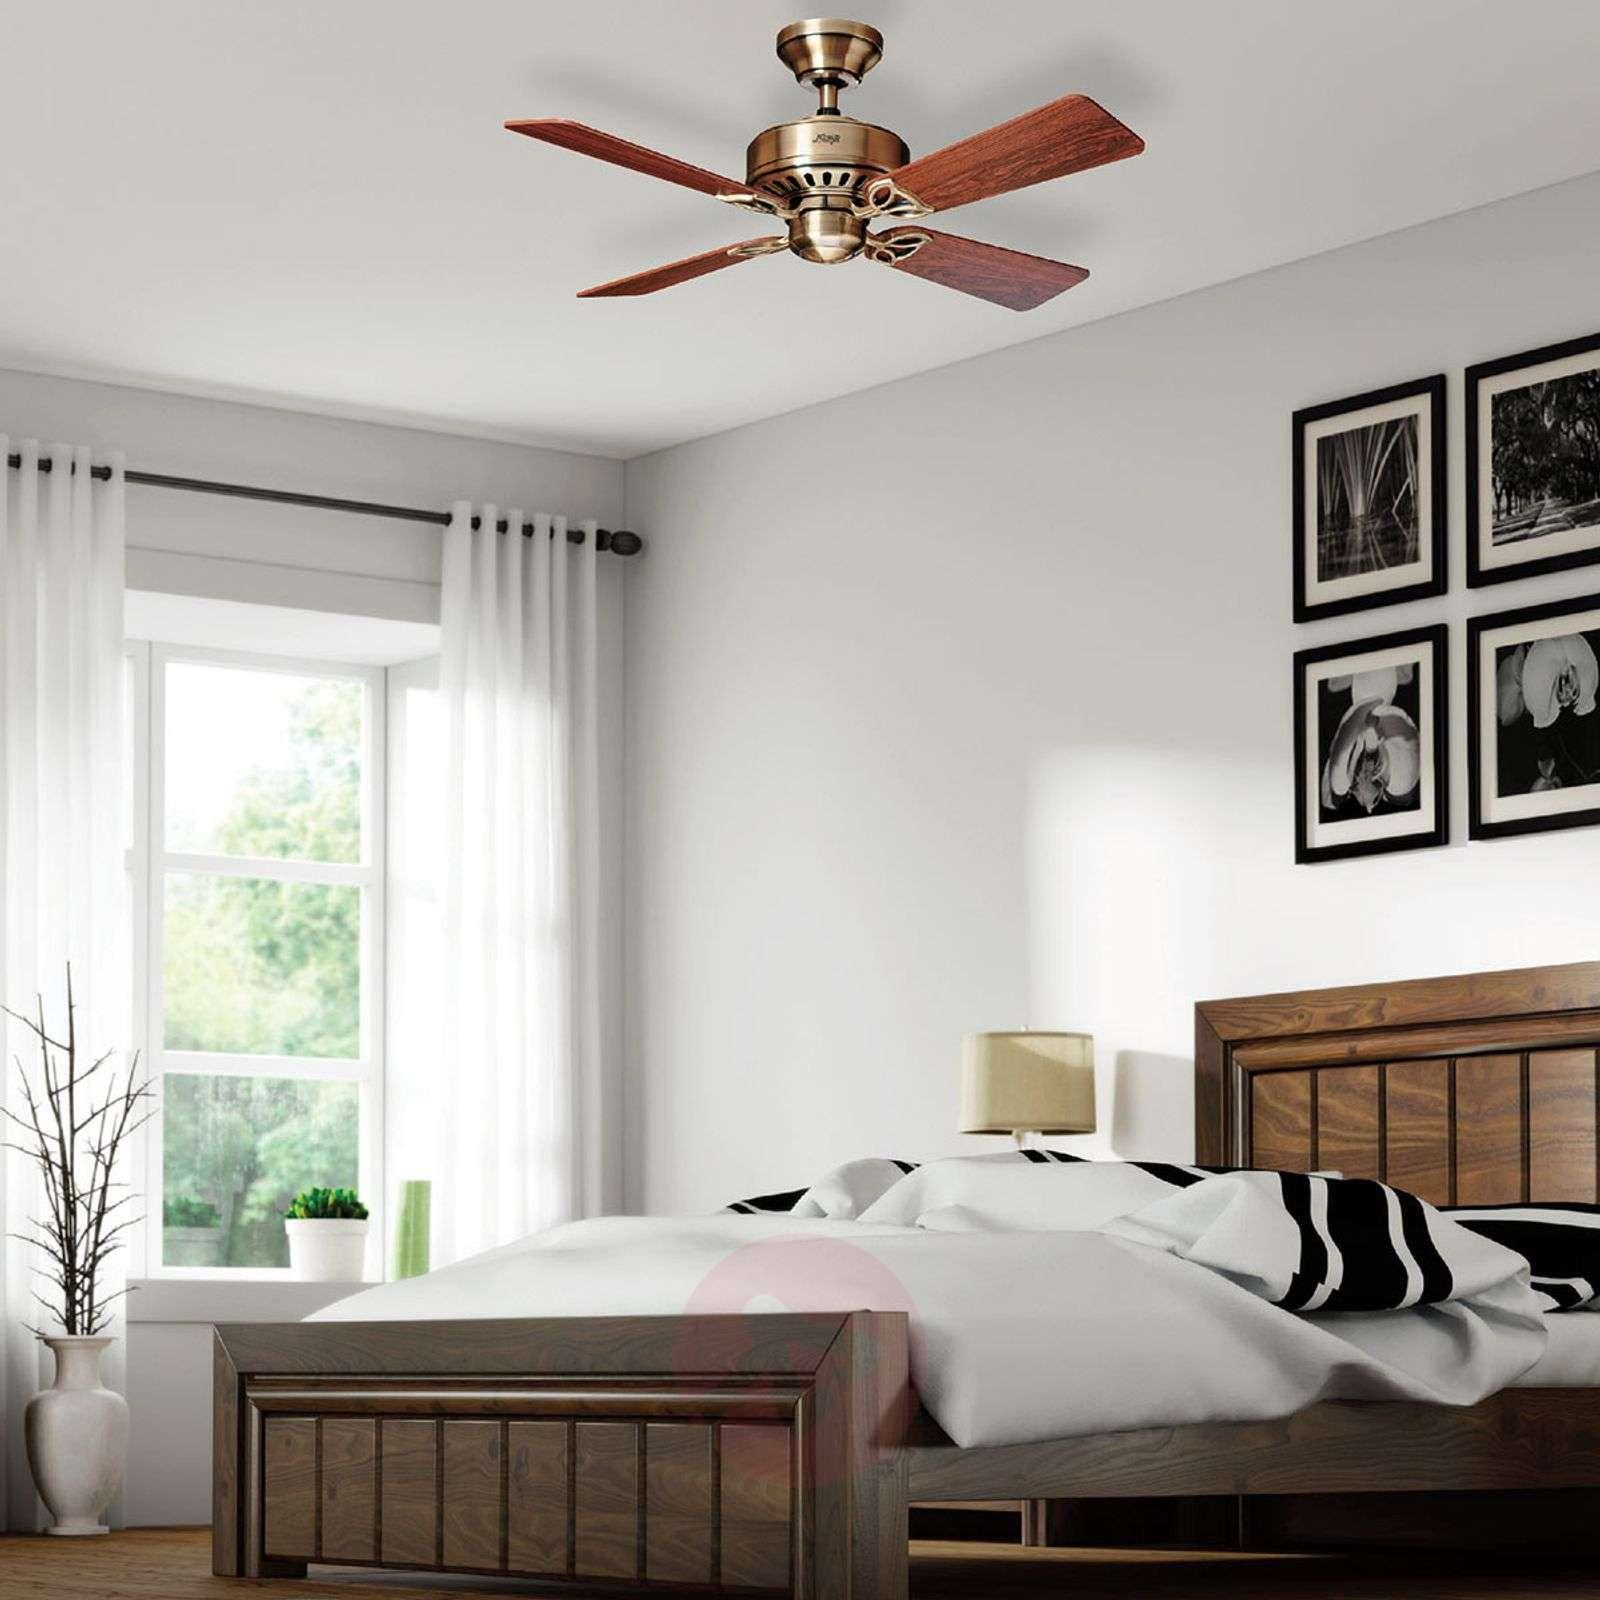 Hunter Bayport ceiling fan, rosewood/oak-4545002-01